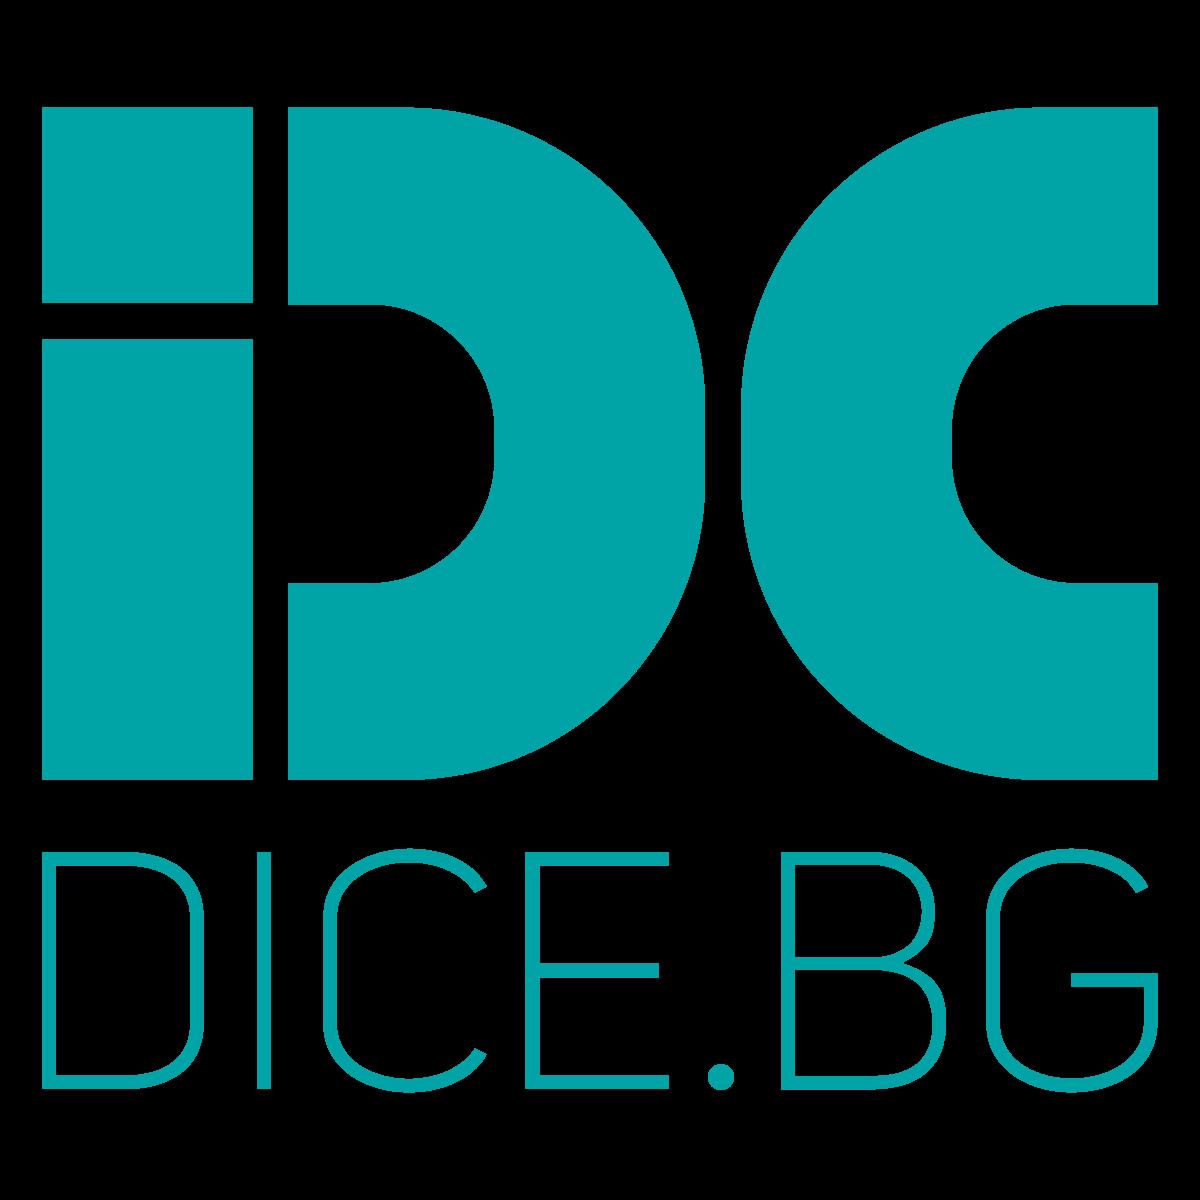 DICE.bg